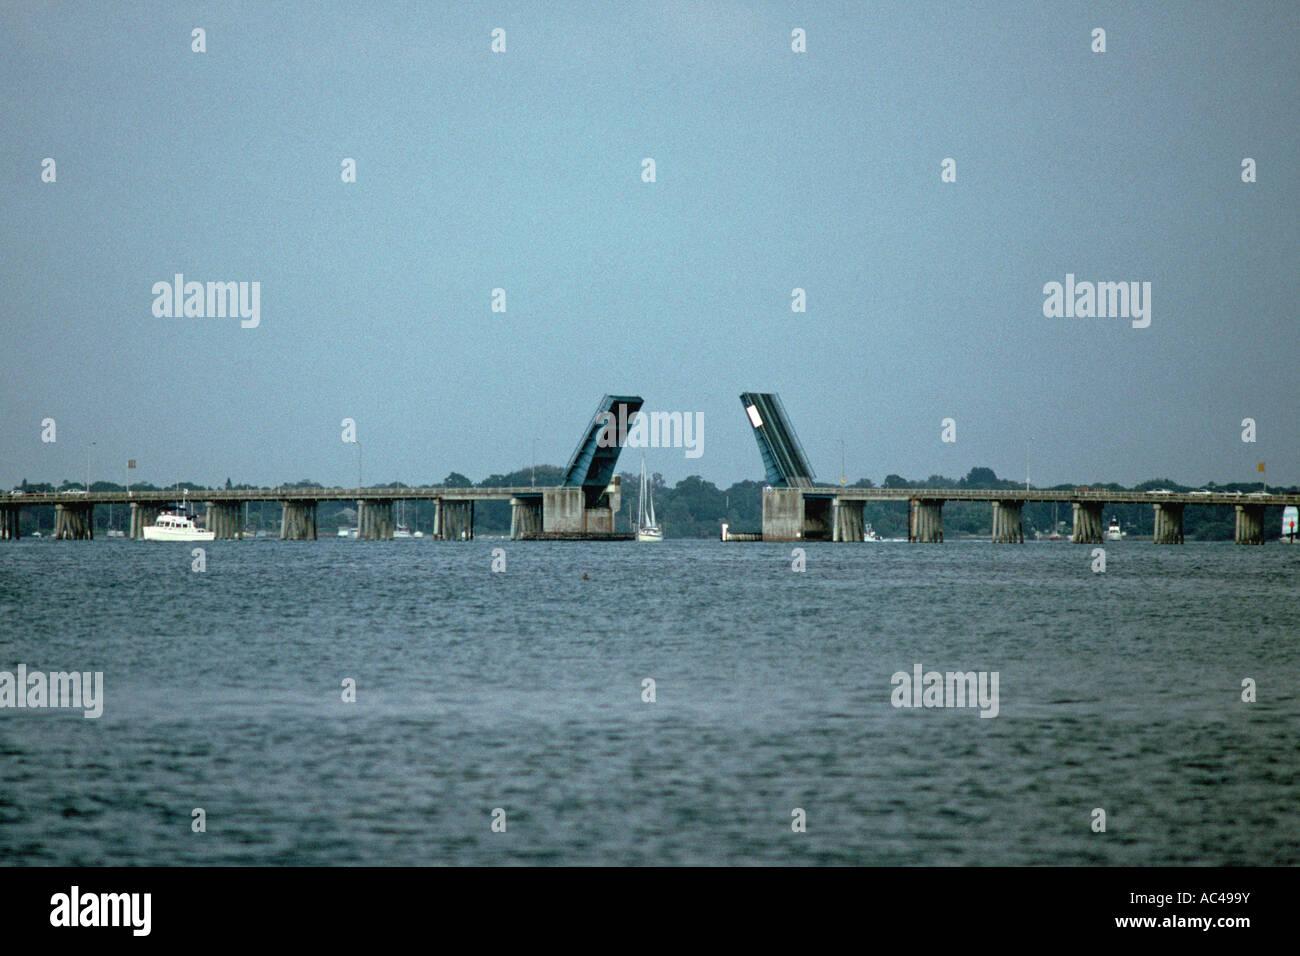 Lebarge Tropical Cruises Siesta Key Bridge